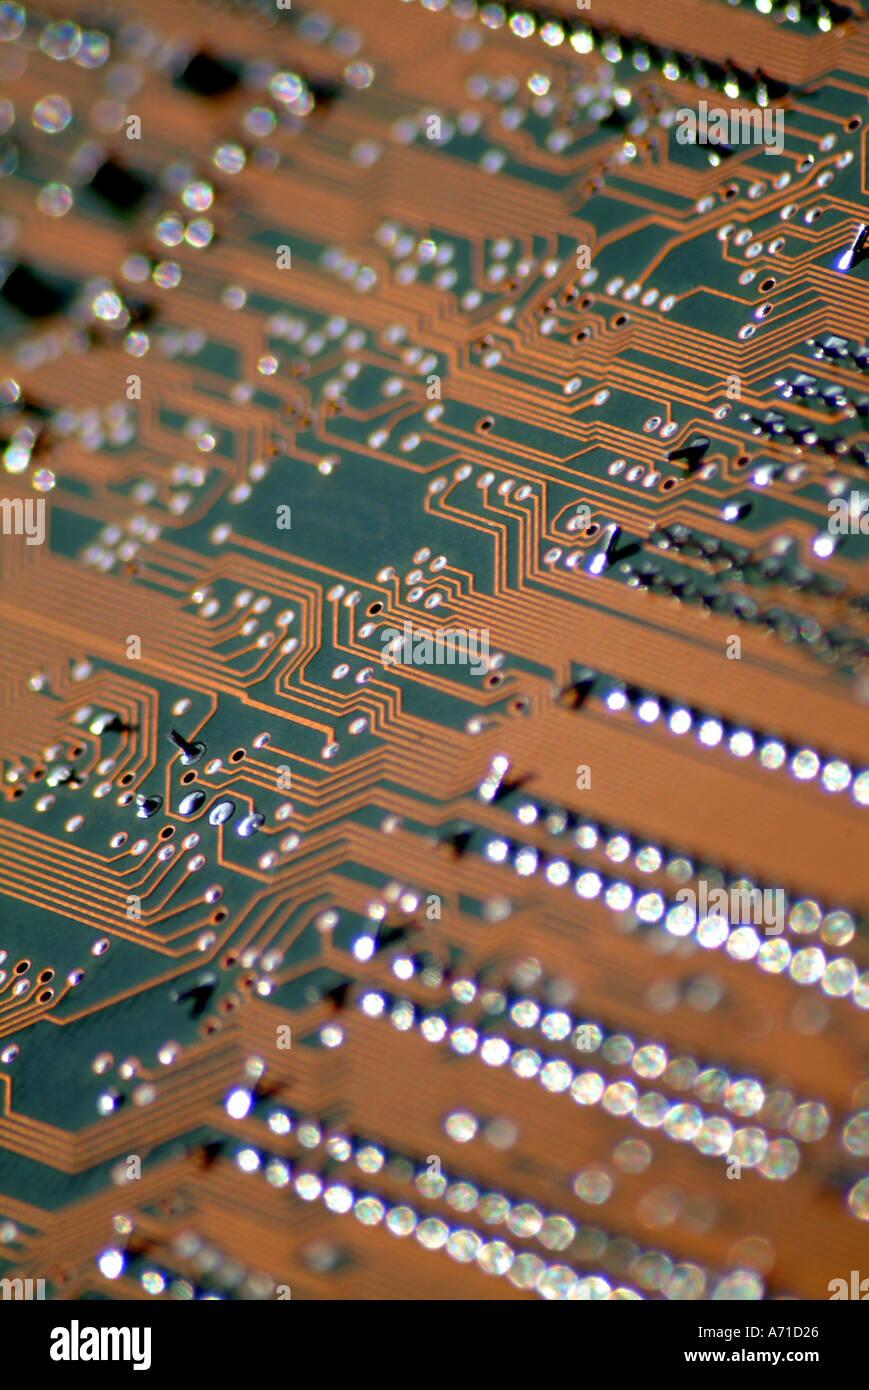 Detalle de la placa de circuito impreso del equipo Foto de stock